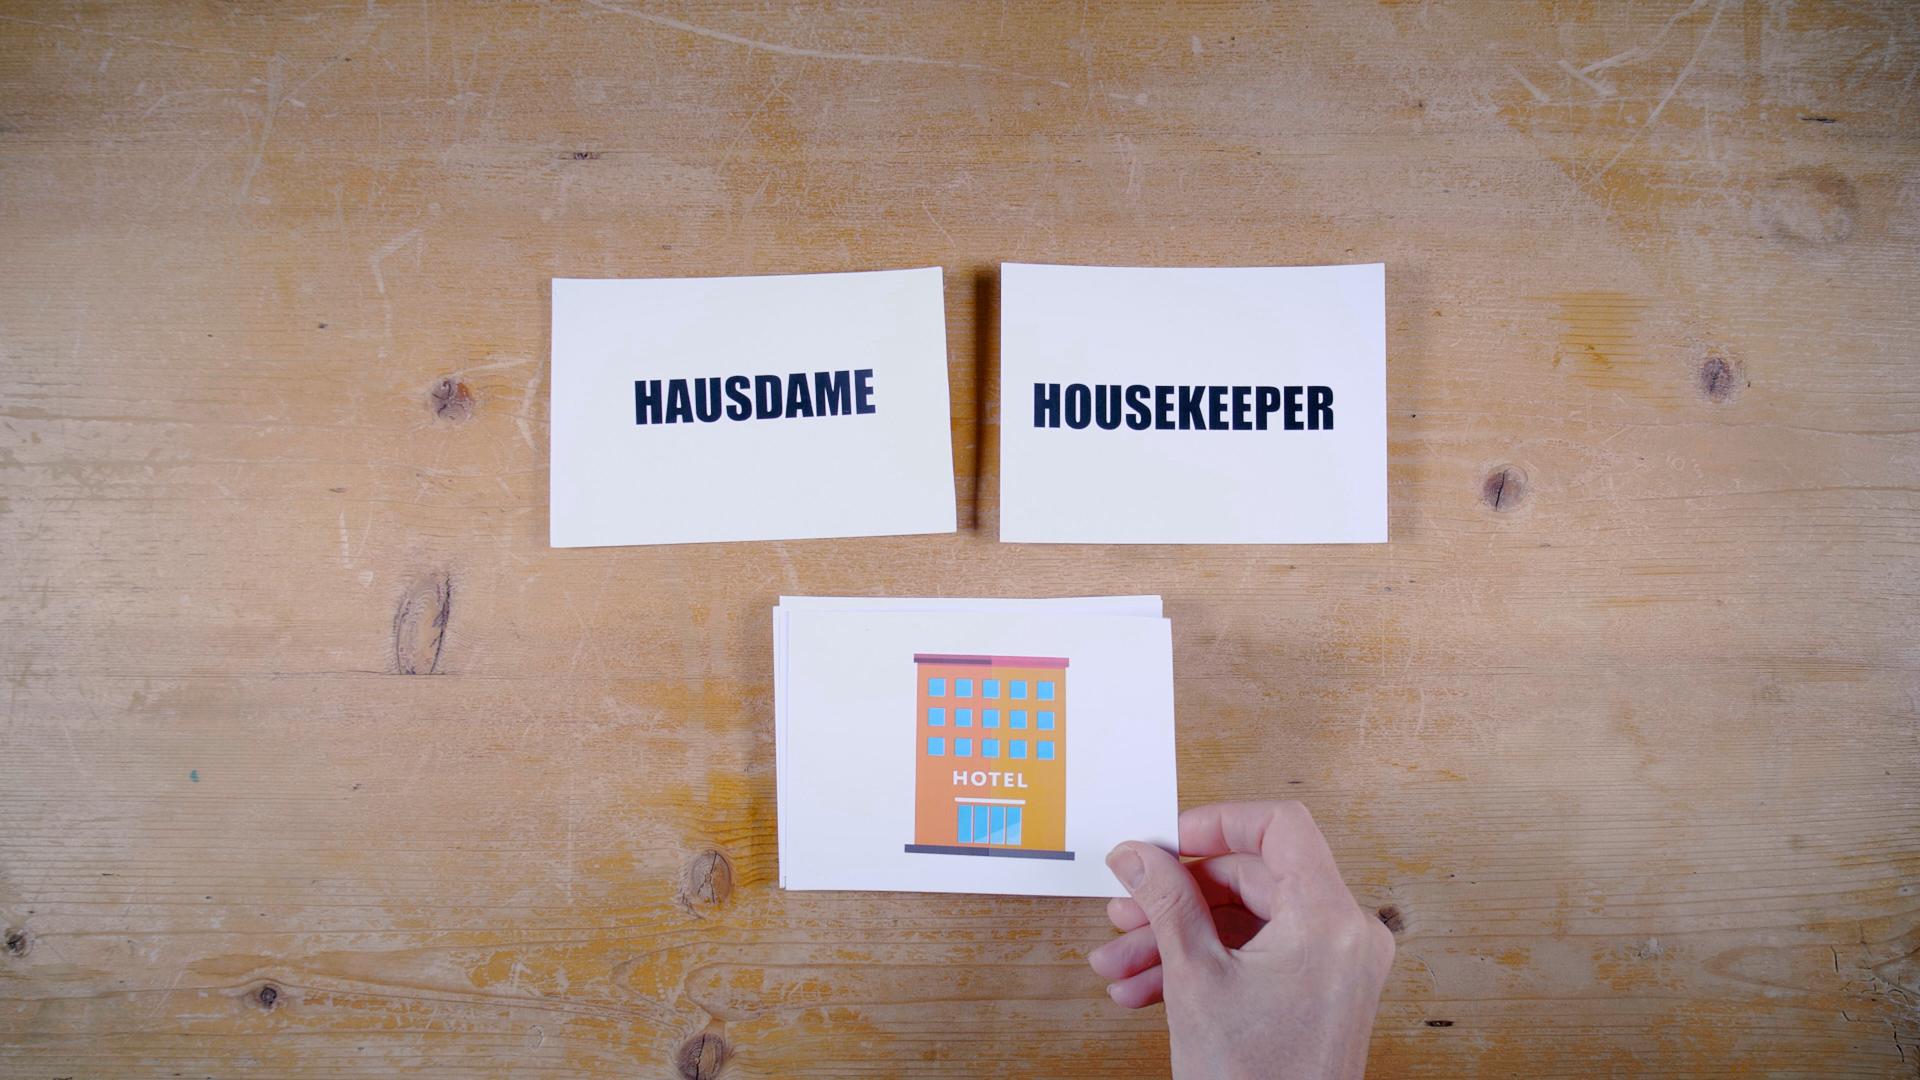 Video – Ausbildung zur Diplomierten Hausdame & Housekeeper